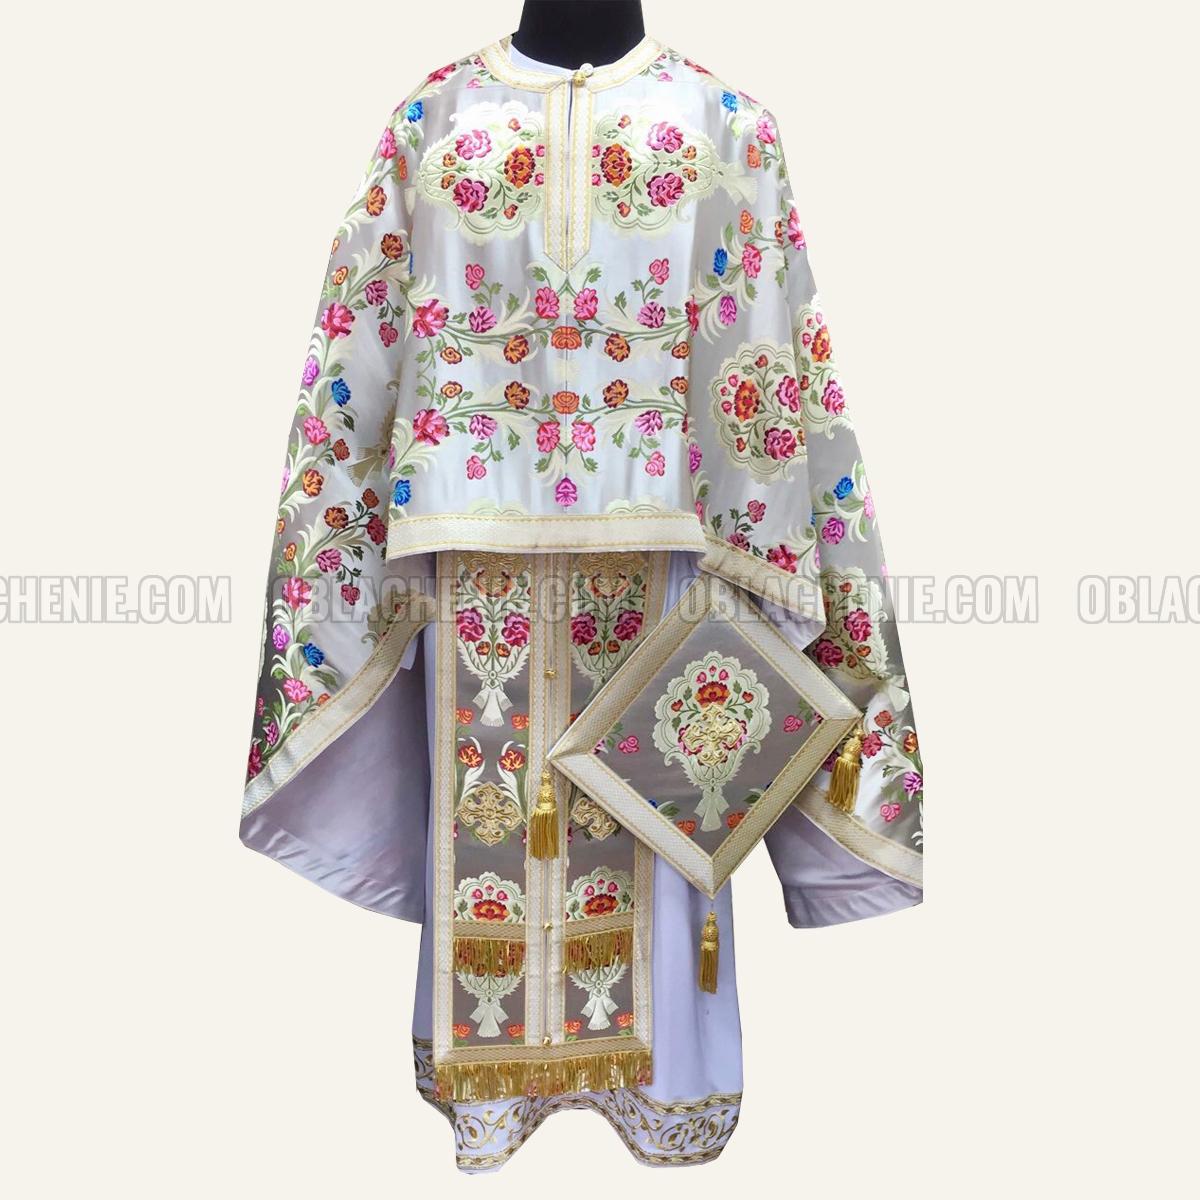 Priest's vestments 10147